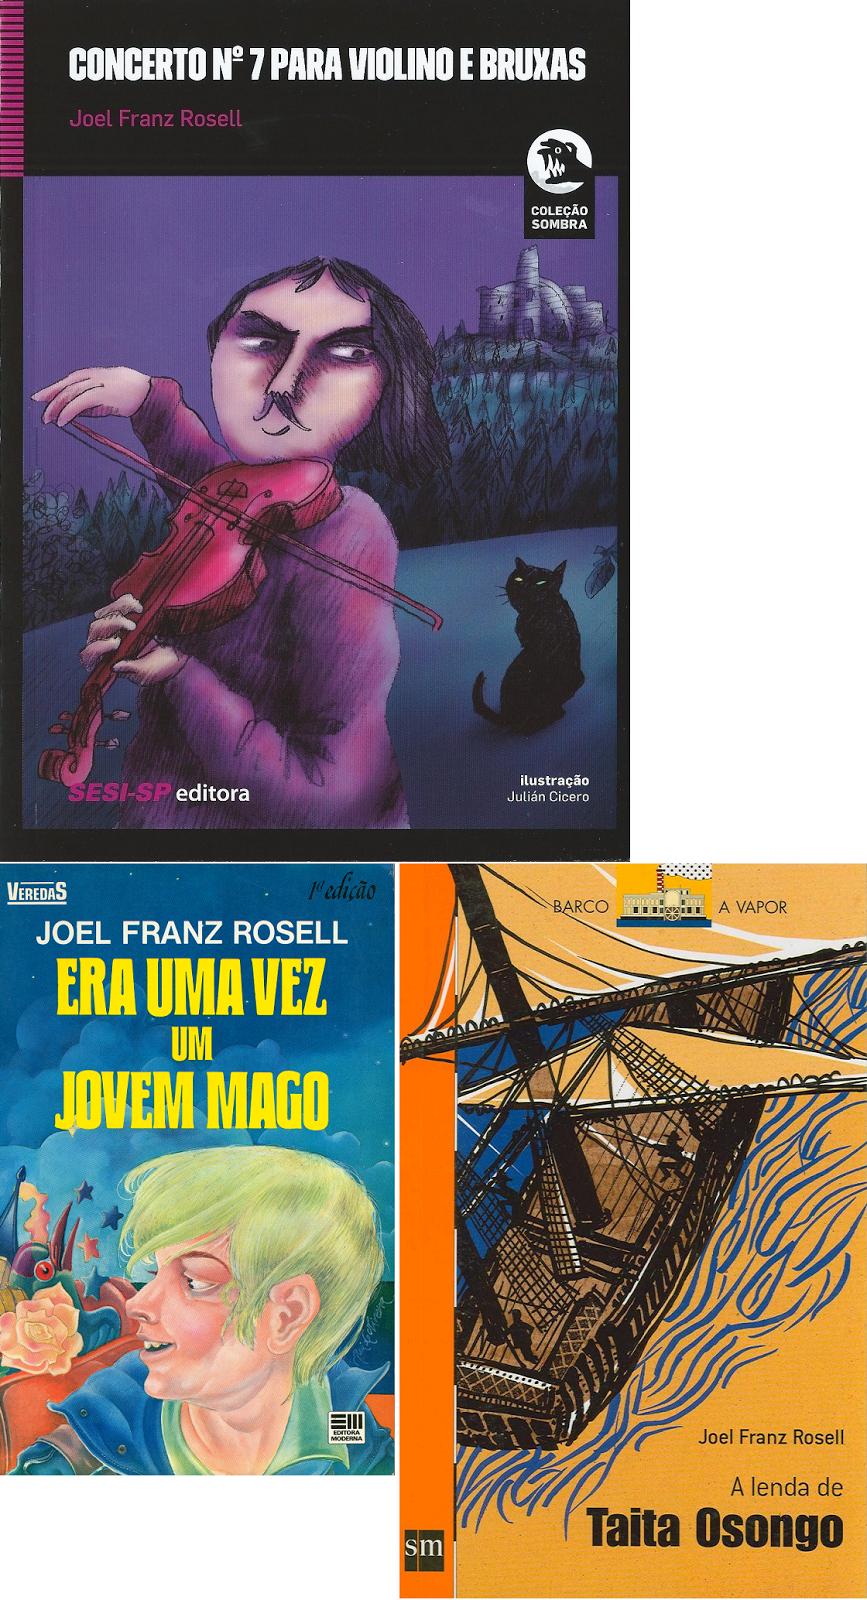 CONCIERTO Nº7 PARA VIOLIN Y BRUJAS se convierte en mi tercer libro brasileño